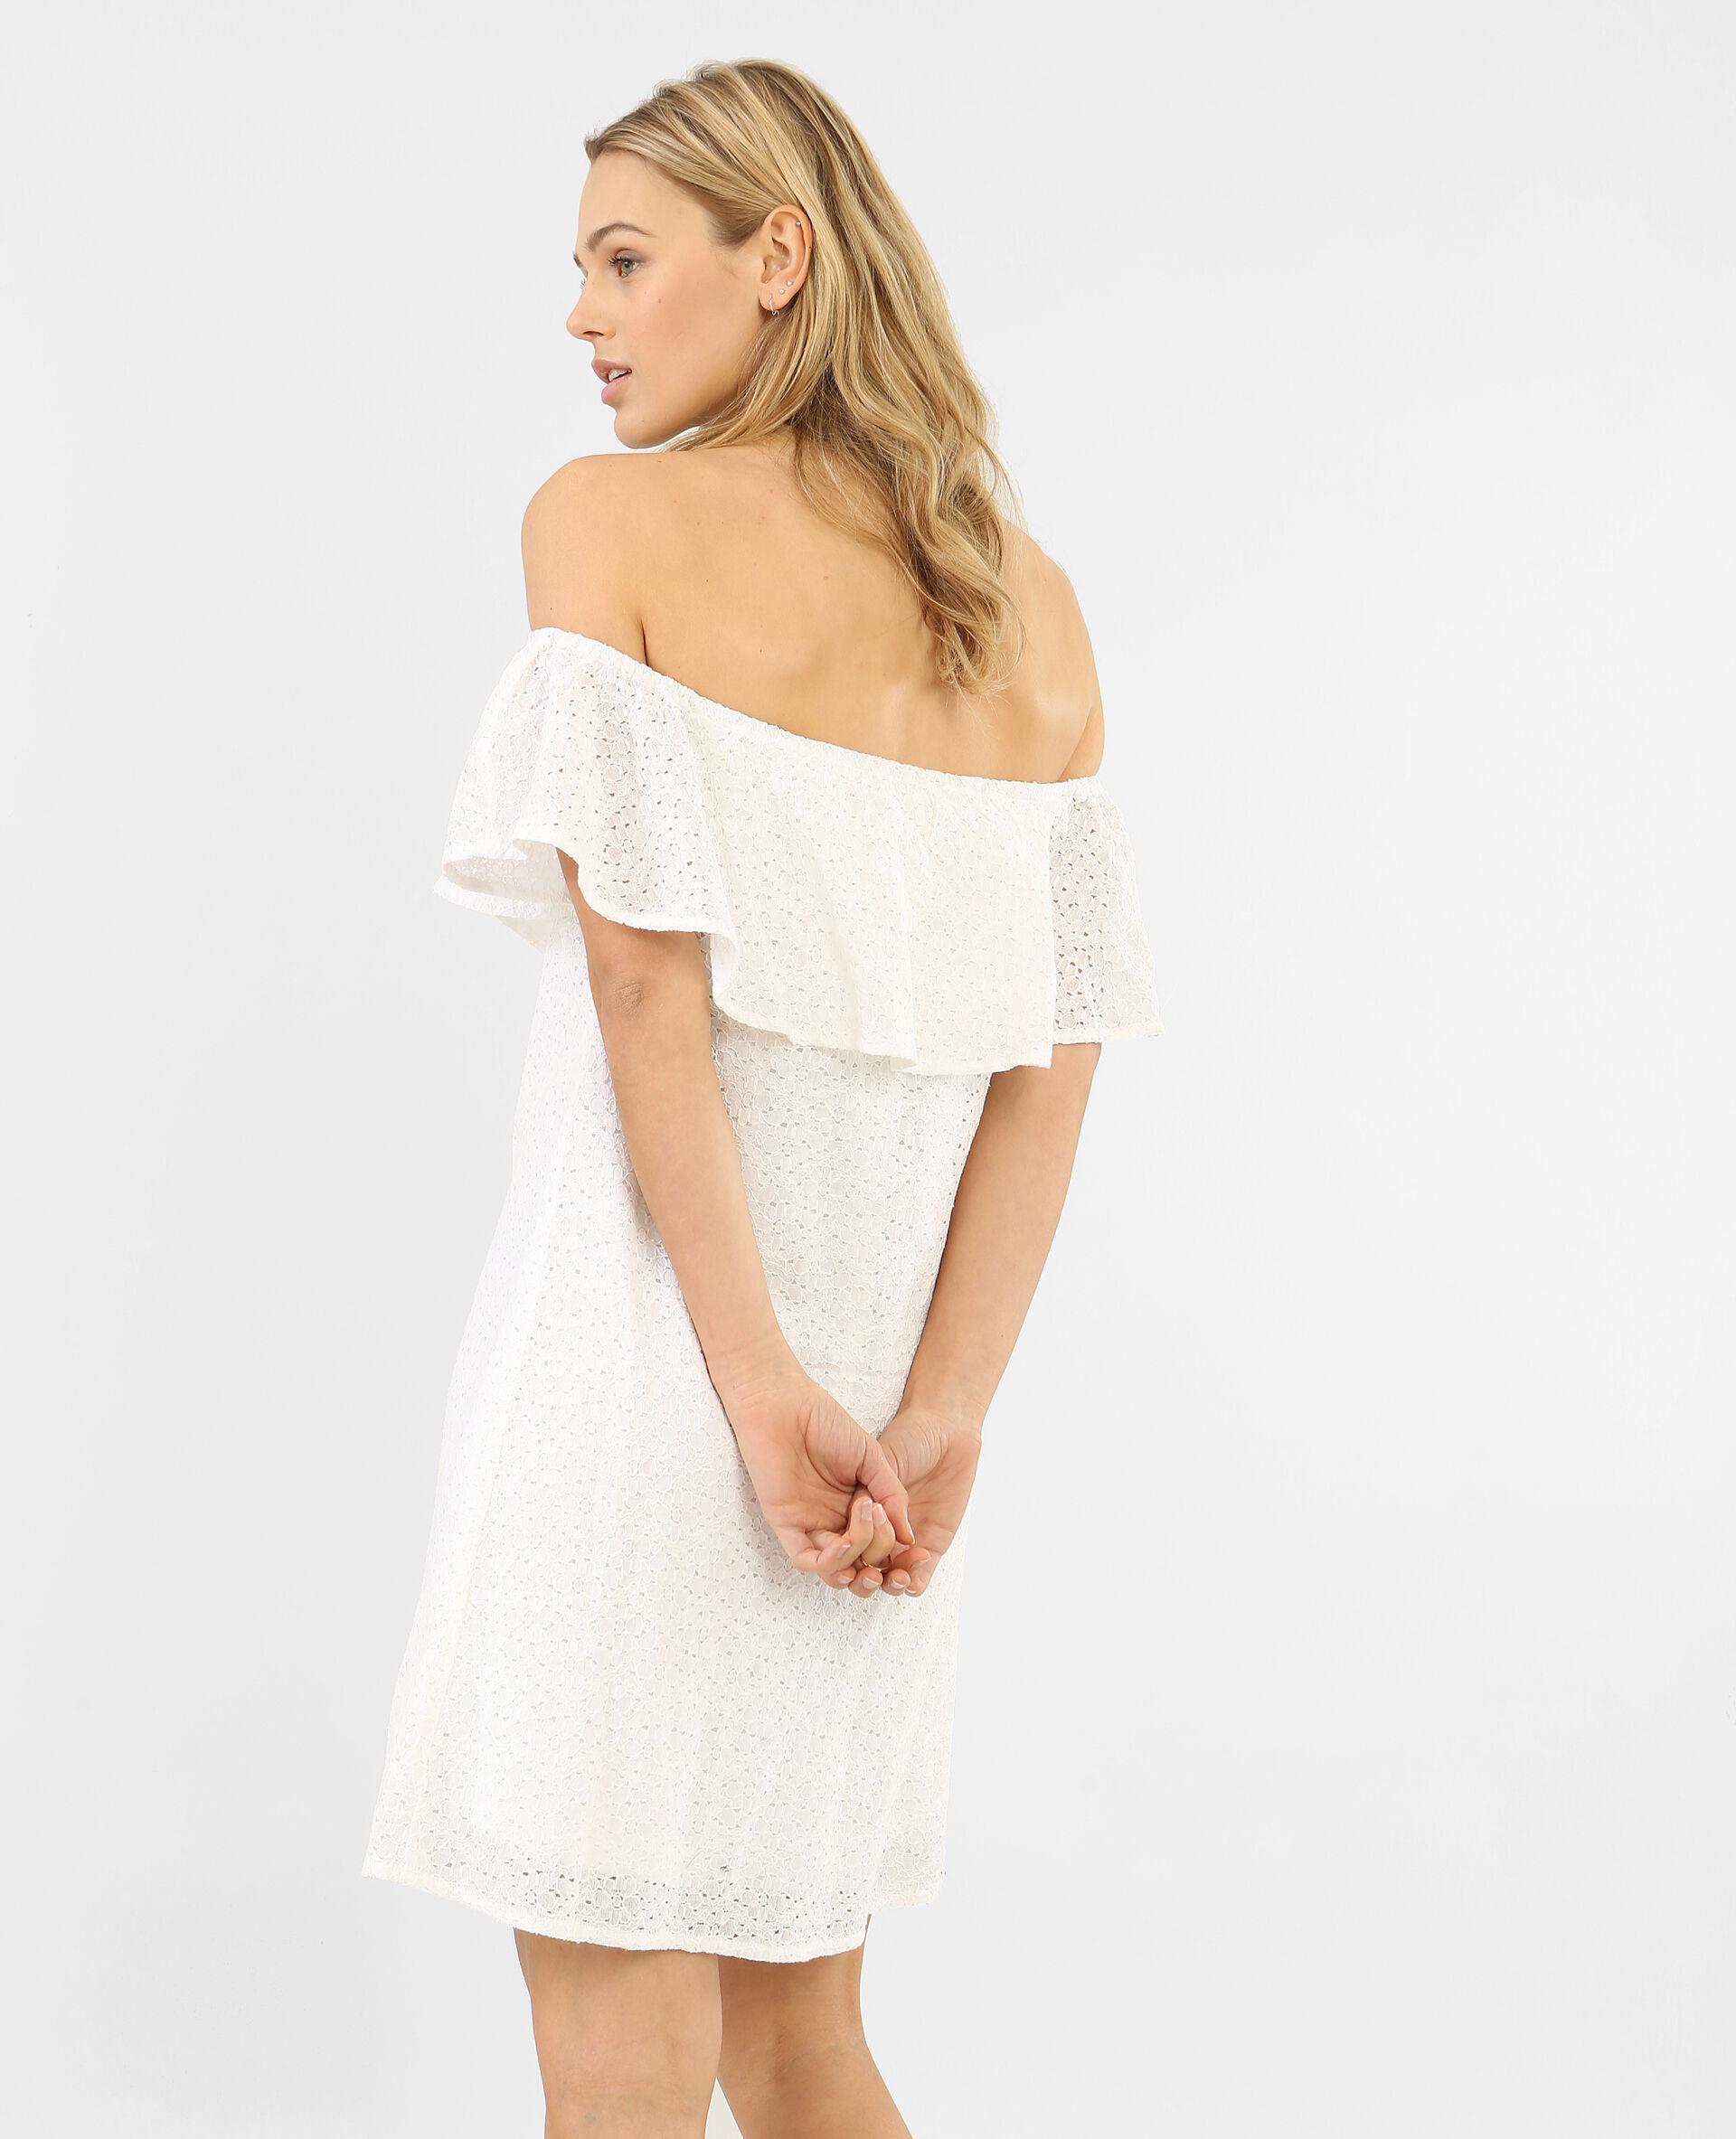 Robe blanche blanc casse